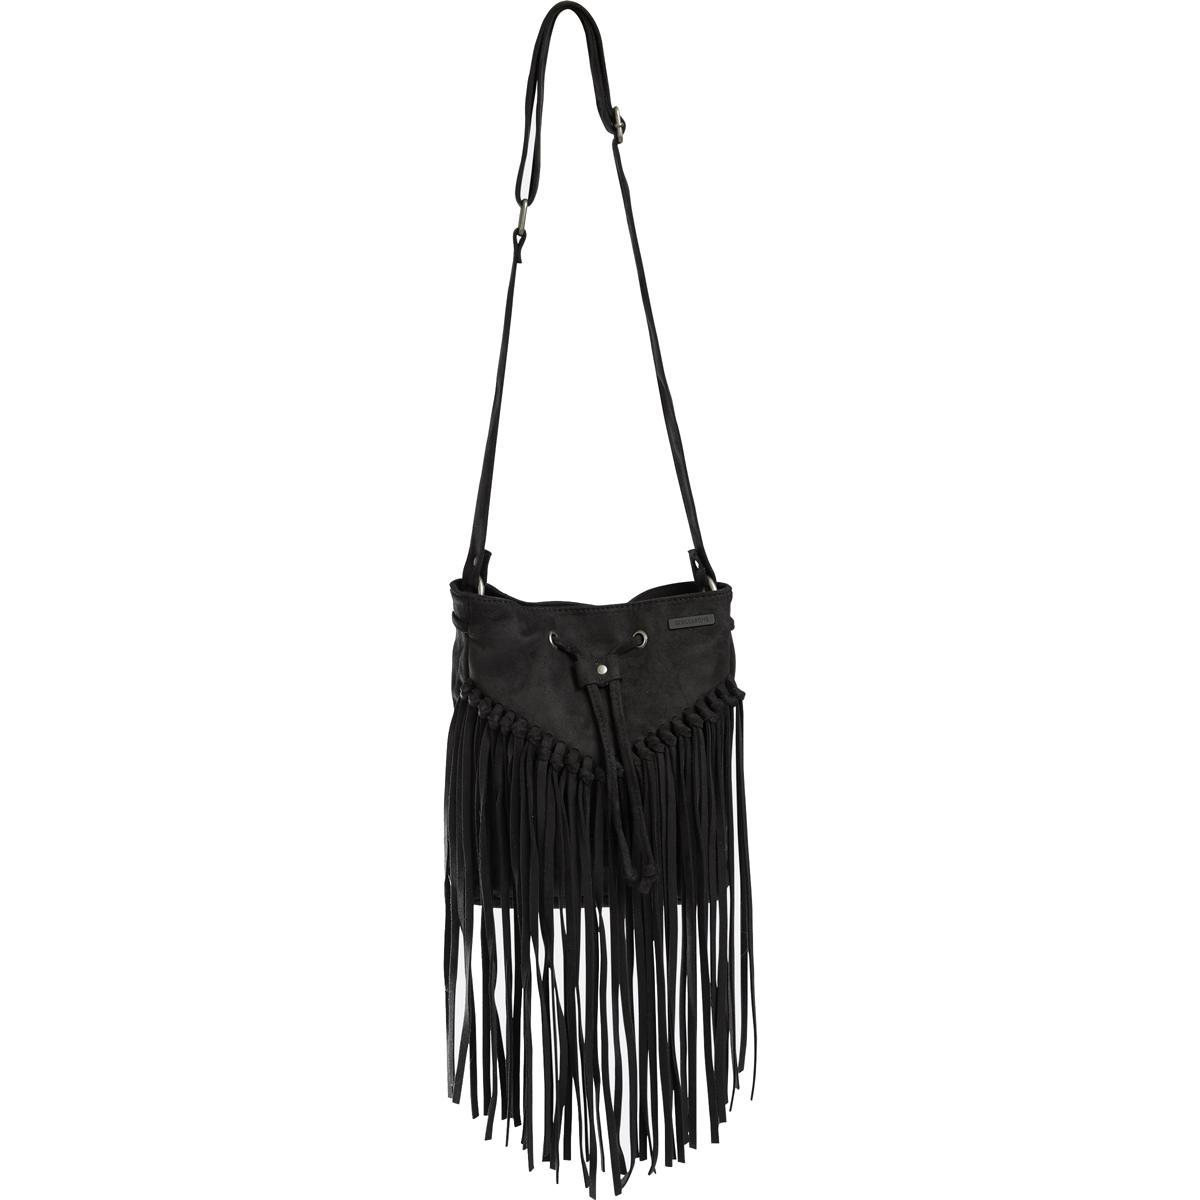 Сумка Billabong Addict, цвет: черный, 4 л. Z9BG05MABLSEH10001Классическая сумка через плечо, сделанная из прочного износостойкого хлопка. Одна из нескольких сумок из линейки Surfplus